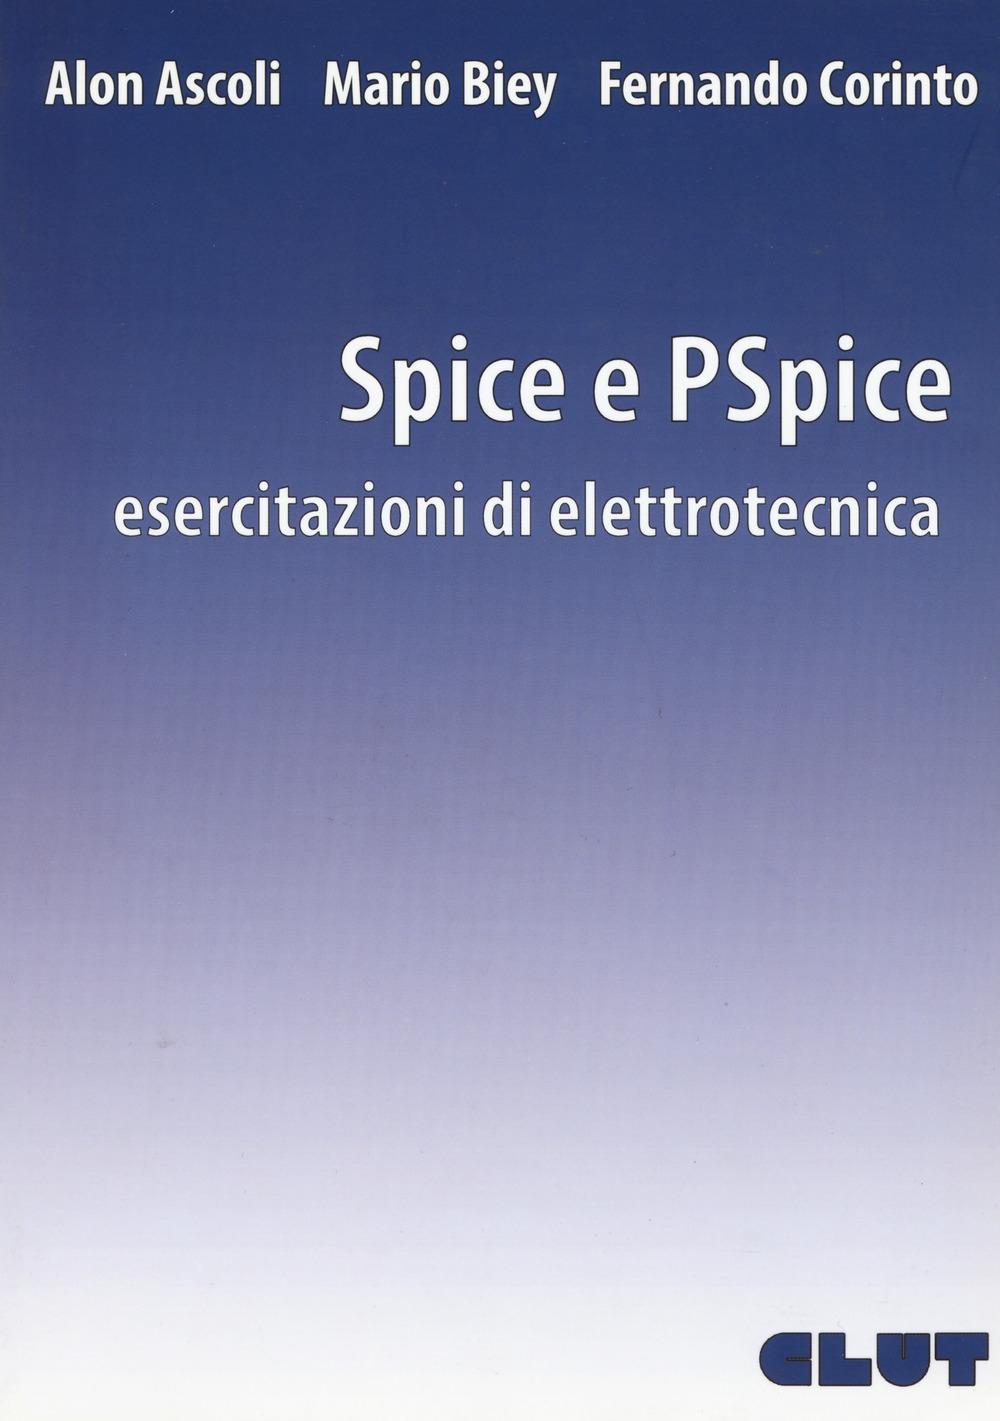 Spice e PSpice. Esercitazioni di elettrotecnica